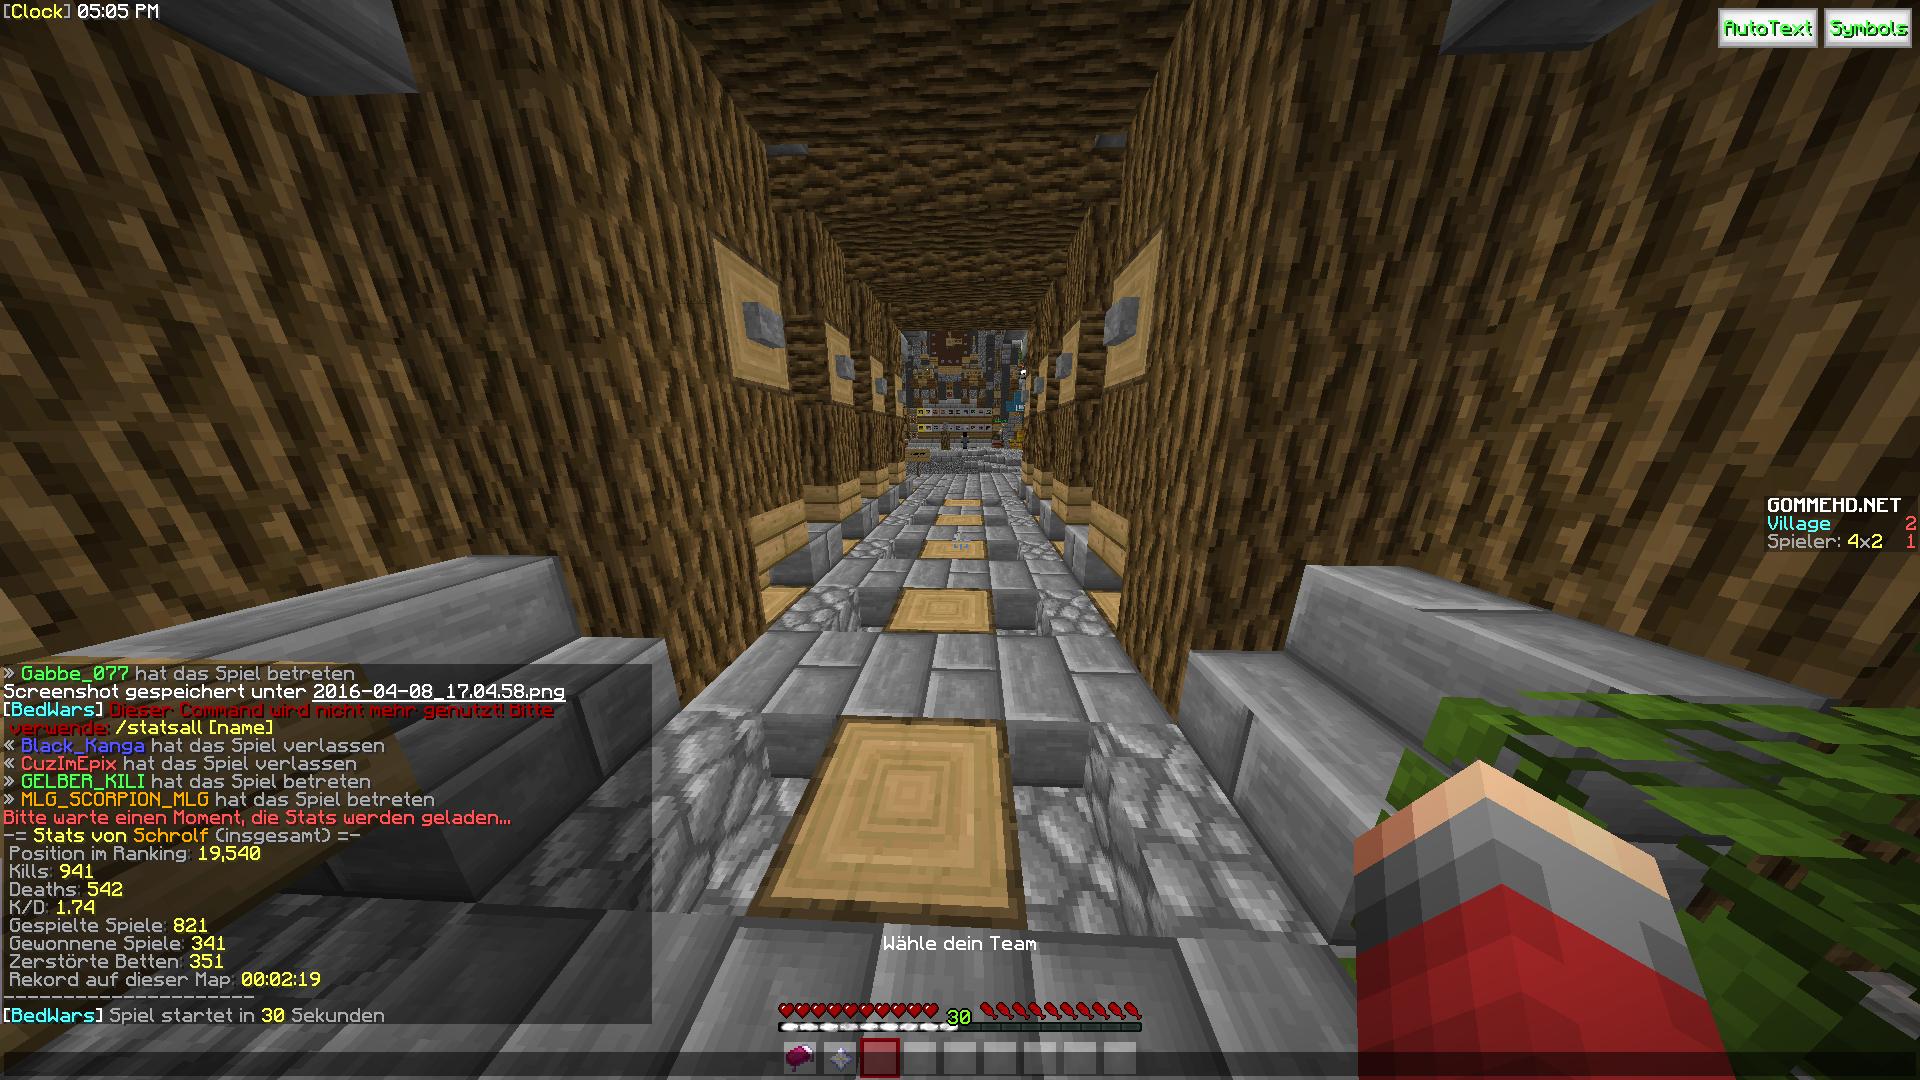 Ir Spielen Heute Minecraft Bedwars REV - Minecraft bedwars spielen kostenlos